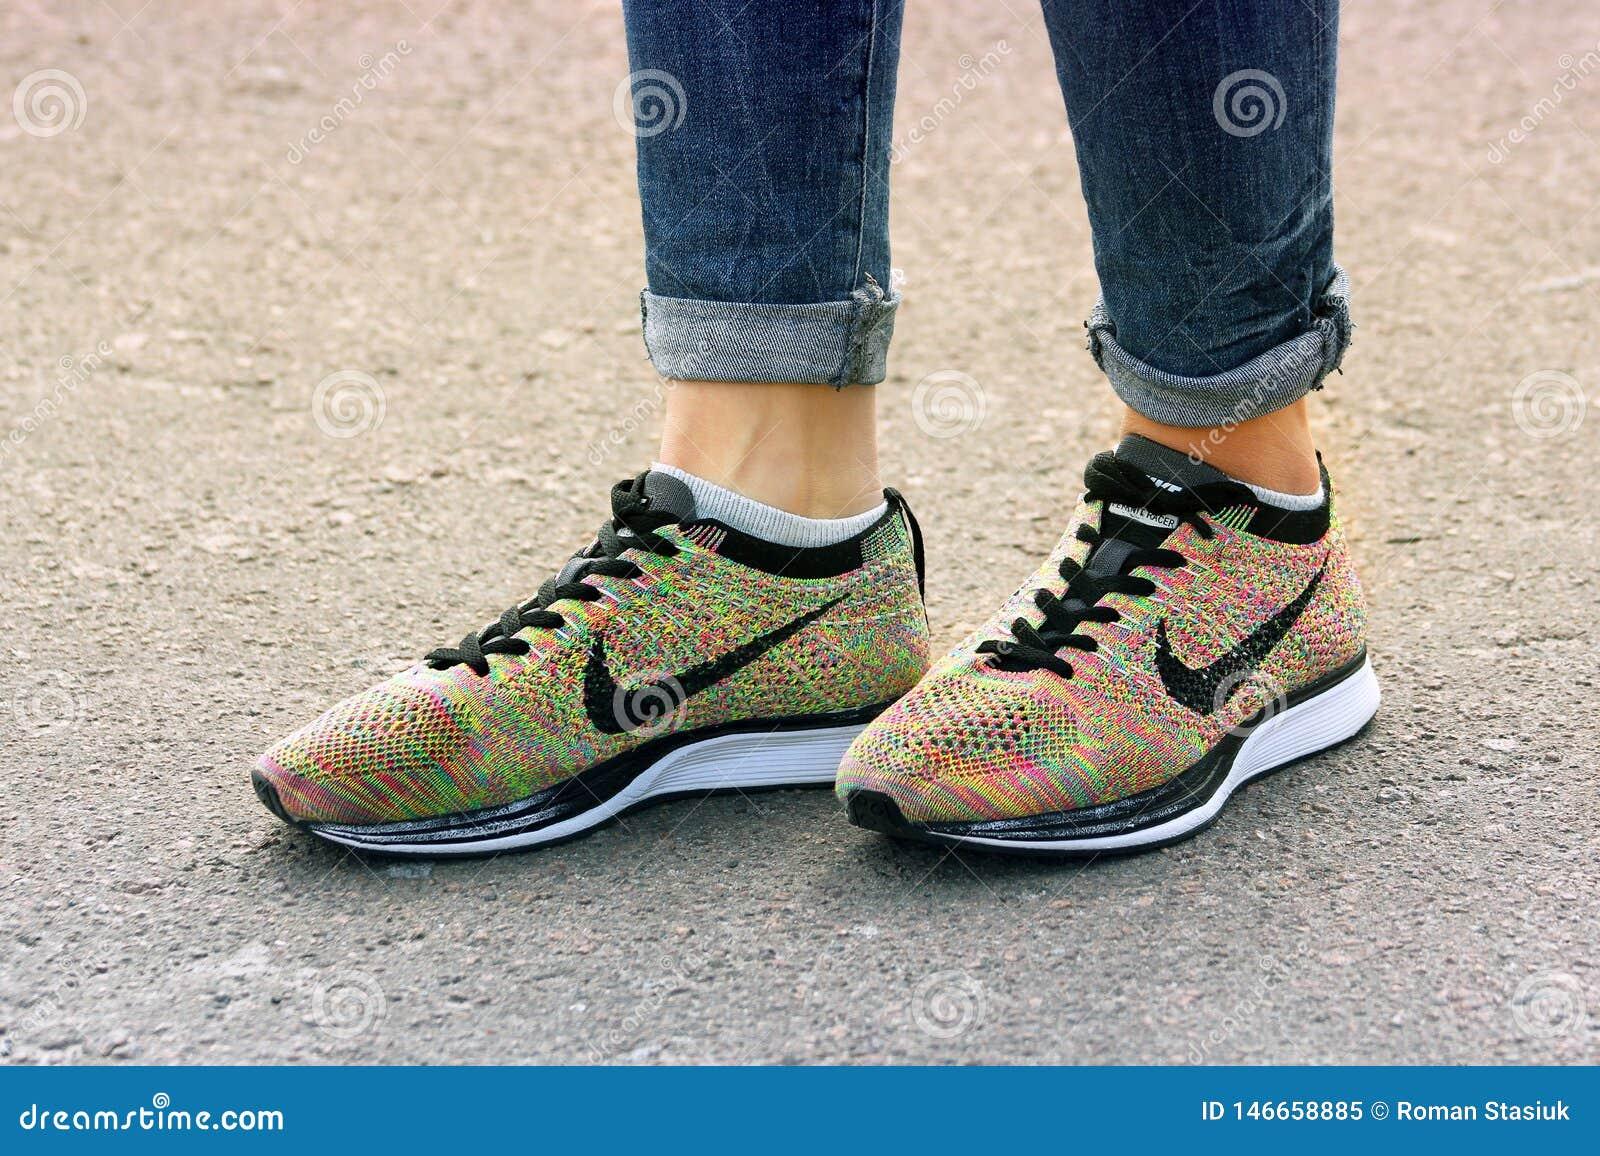 Maravilla tienda rebanada  Chernihiv, Ucrania - 19 De Abril De 2019: Zapatillas De Deporte De Nike Del Primer  Zapatos Del `s De Las Mujeres Imagen editorial - Imagen de zapatillas,  primer: 146658885